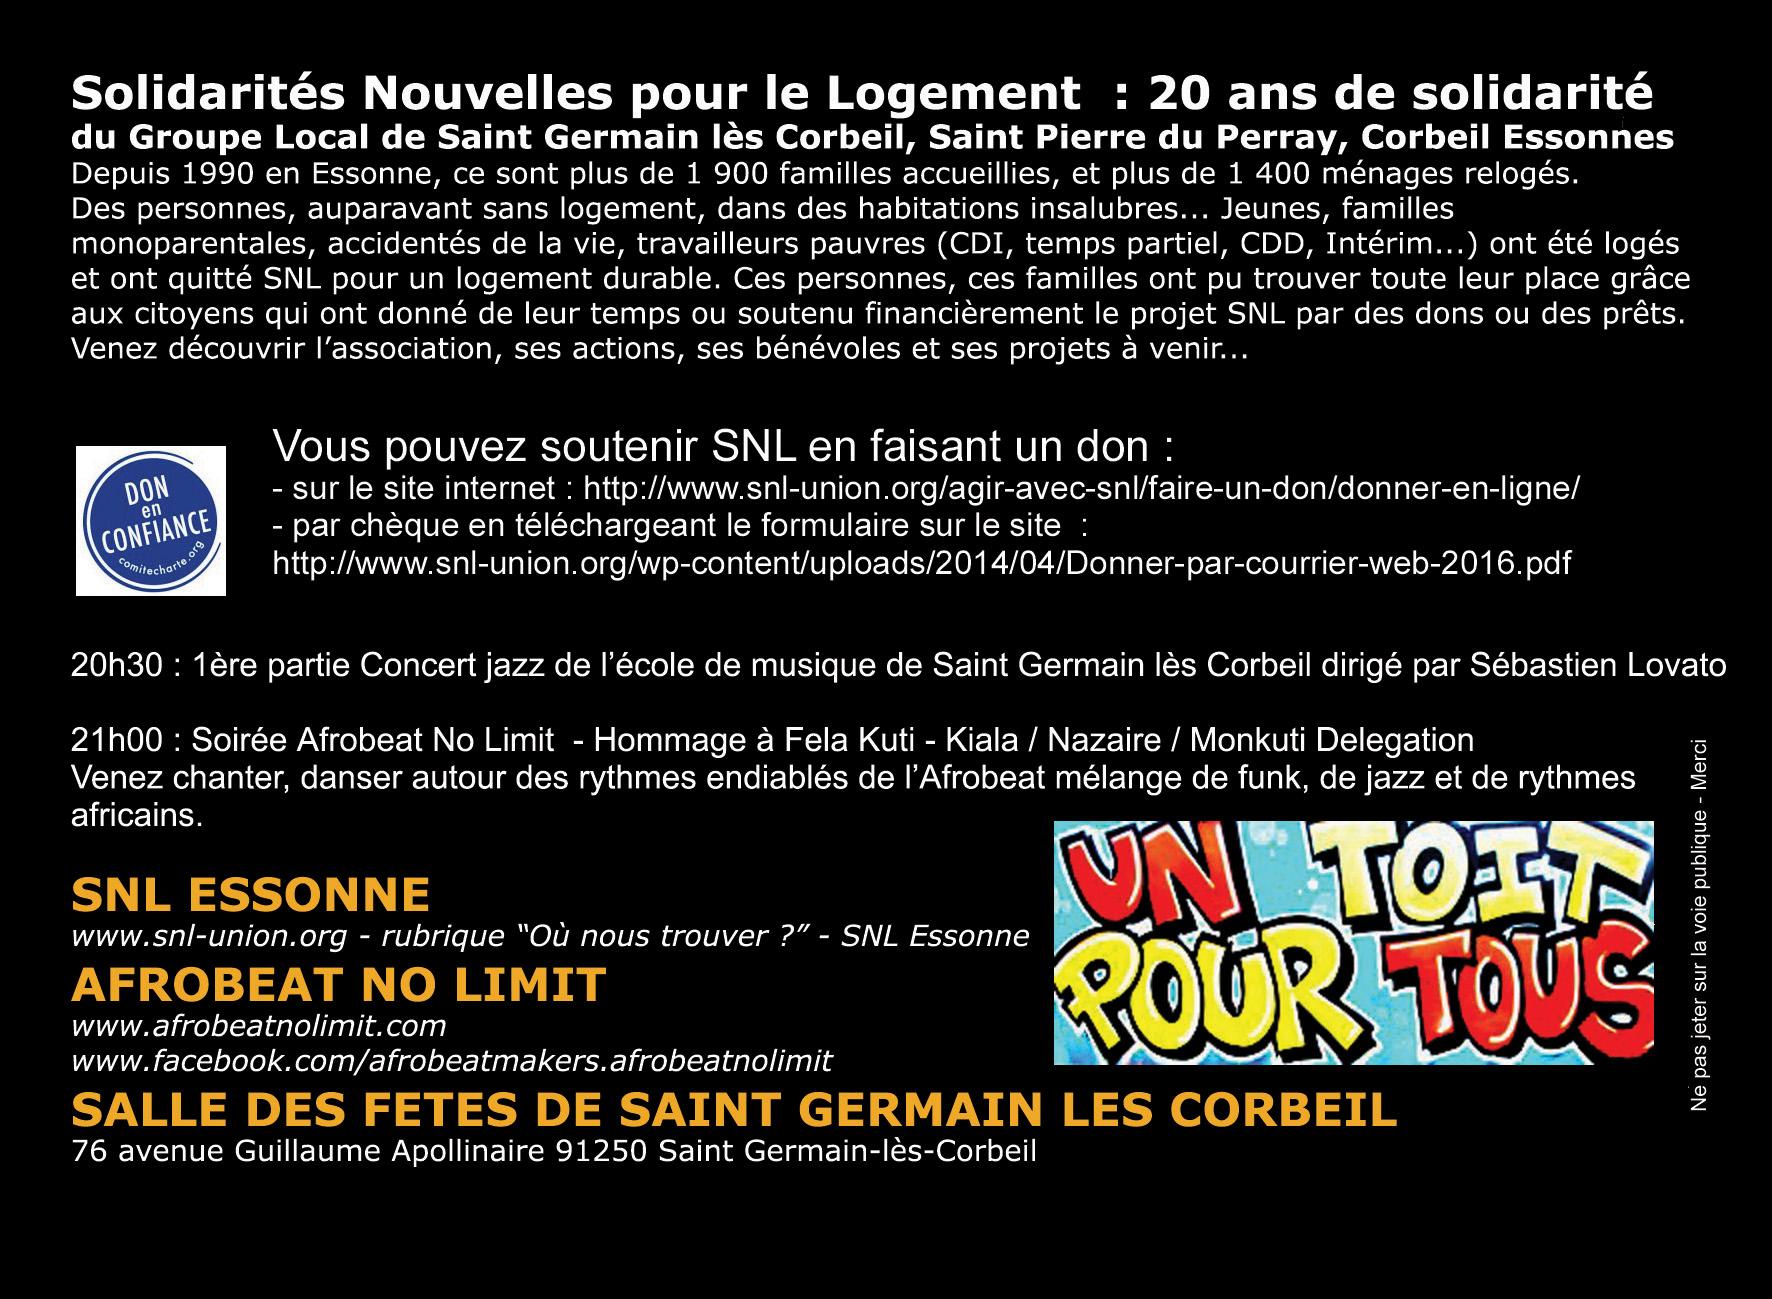 Les 20 ans du GLS de Saint-Germain-Lès-Corbeil